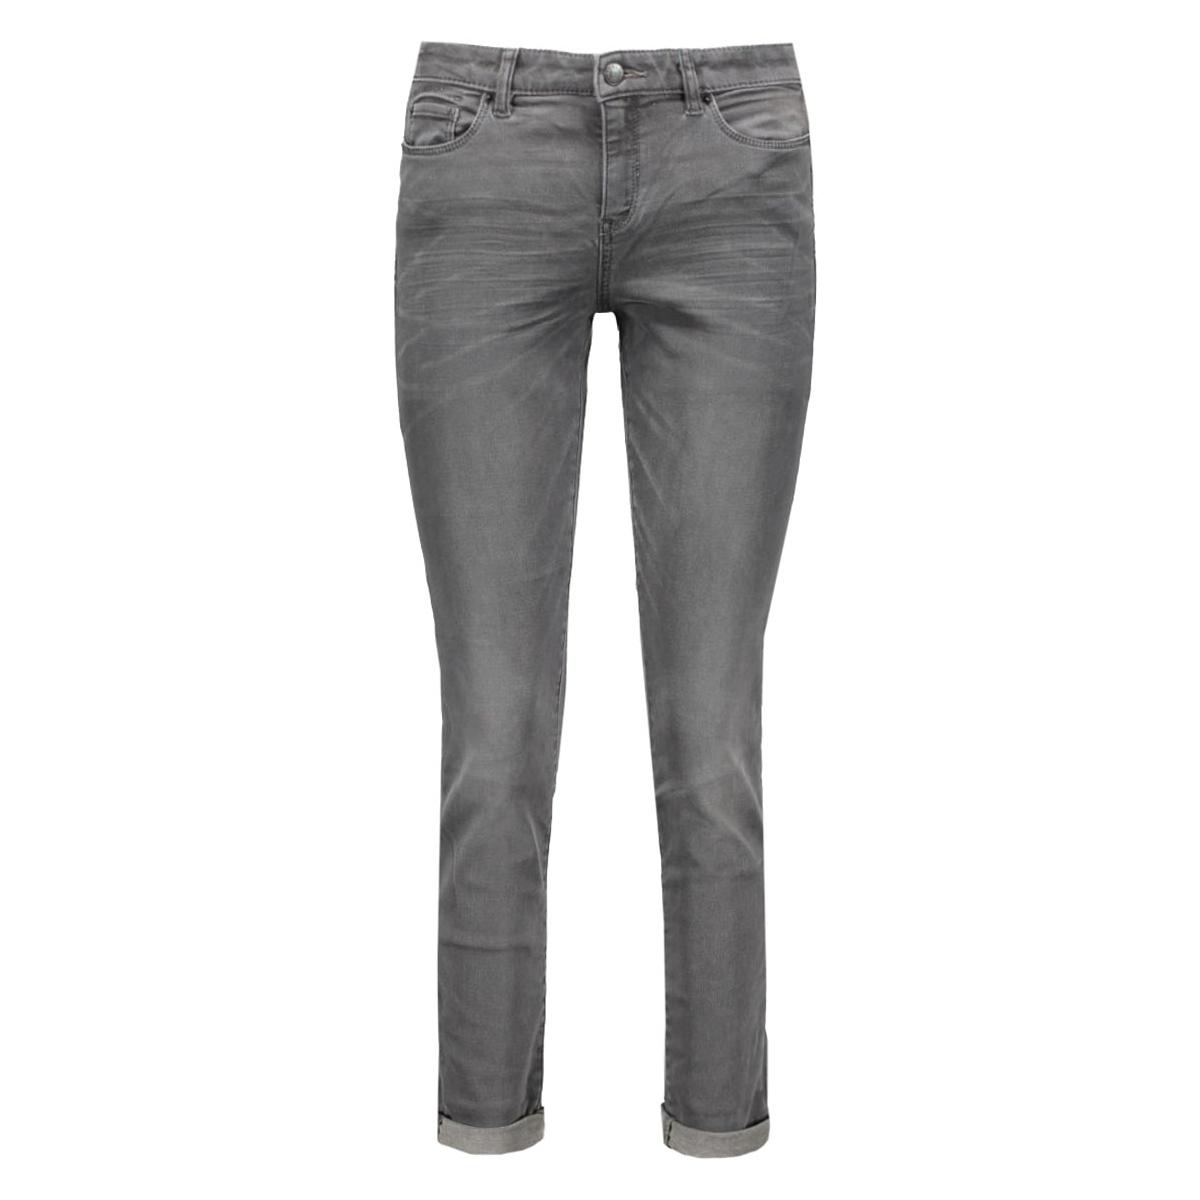 096ee1b016 esprit jeans e922